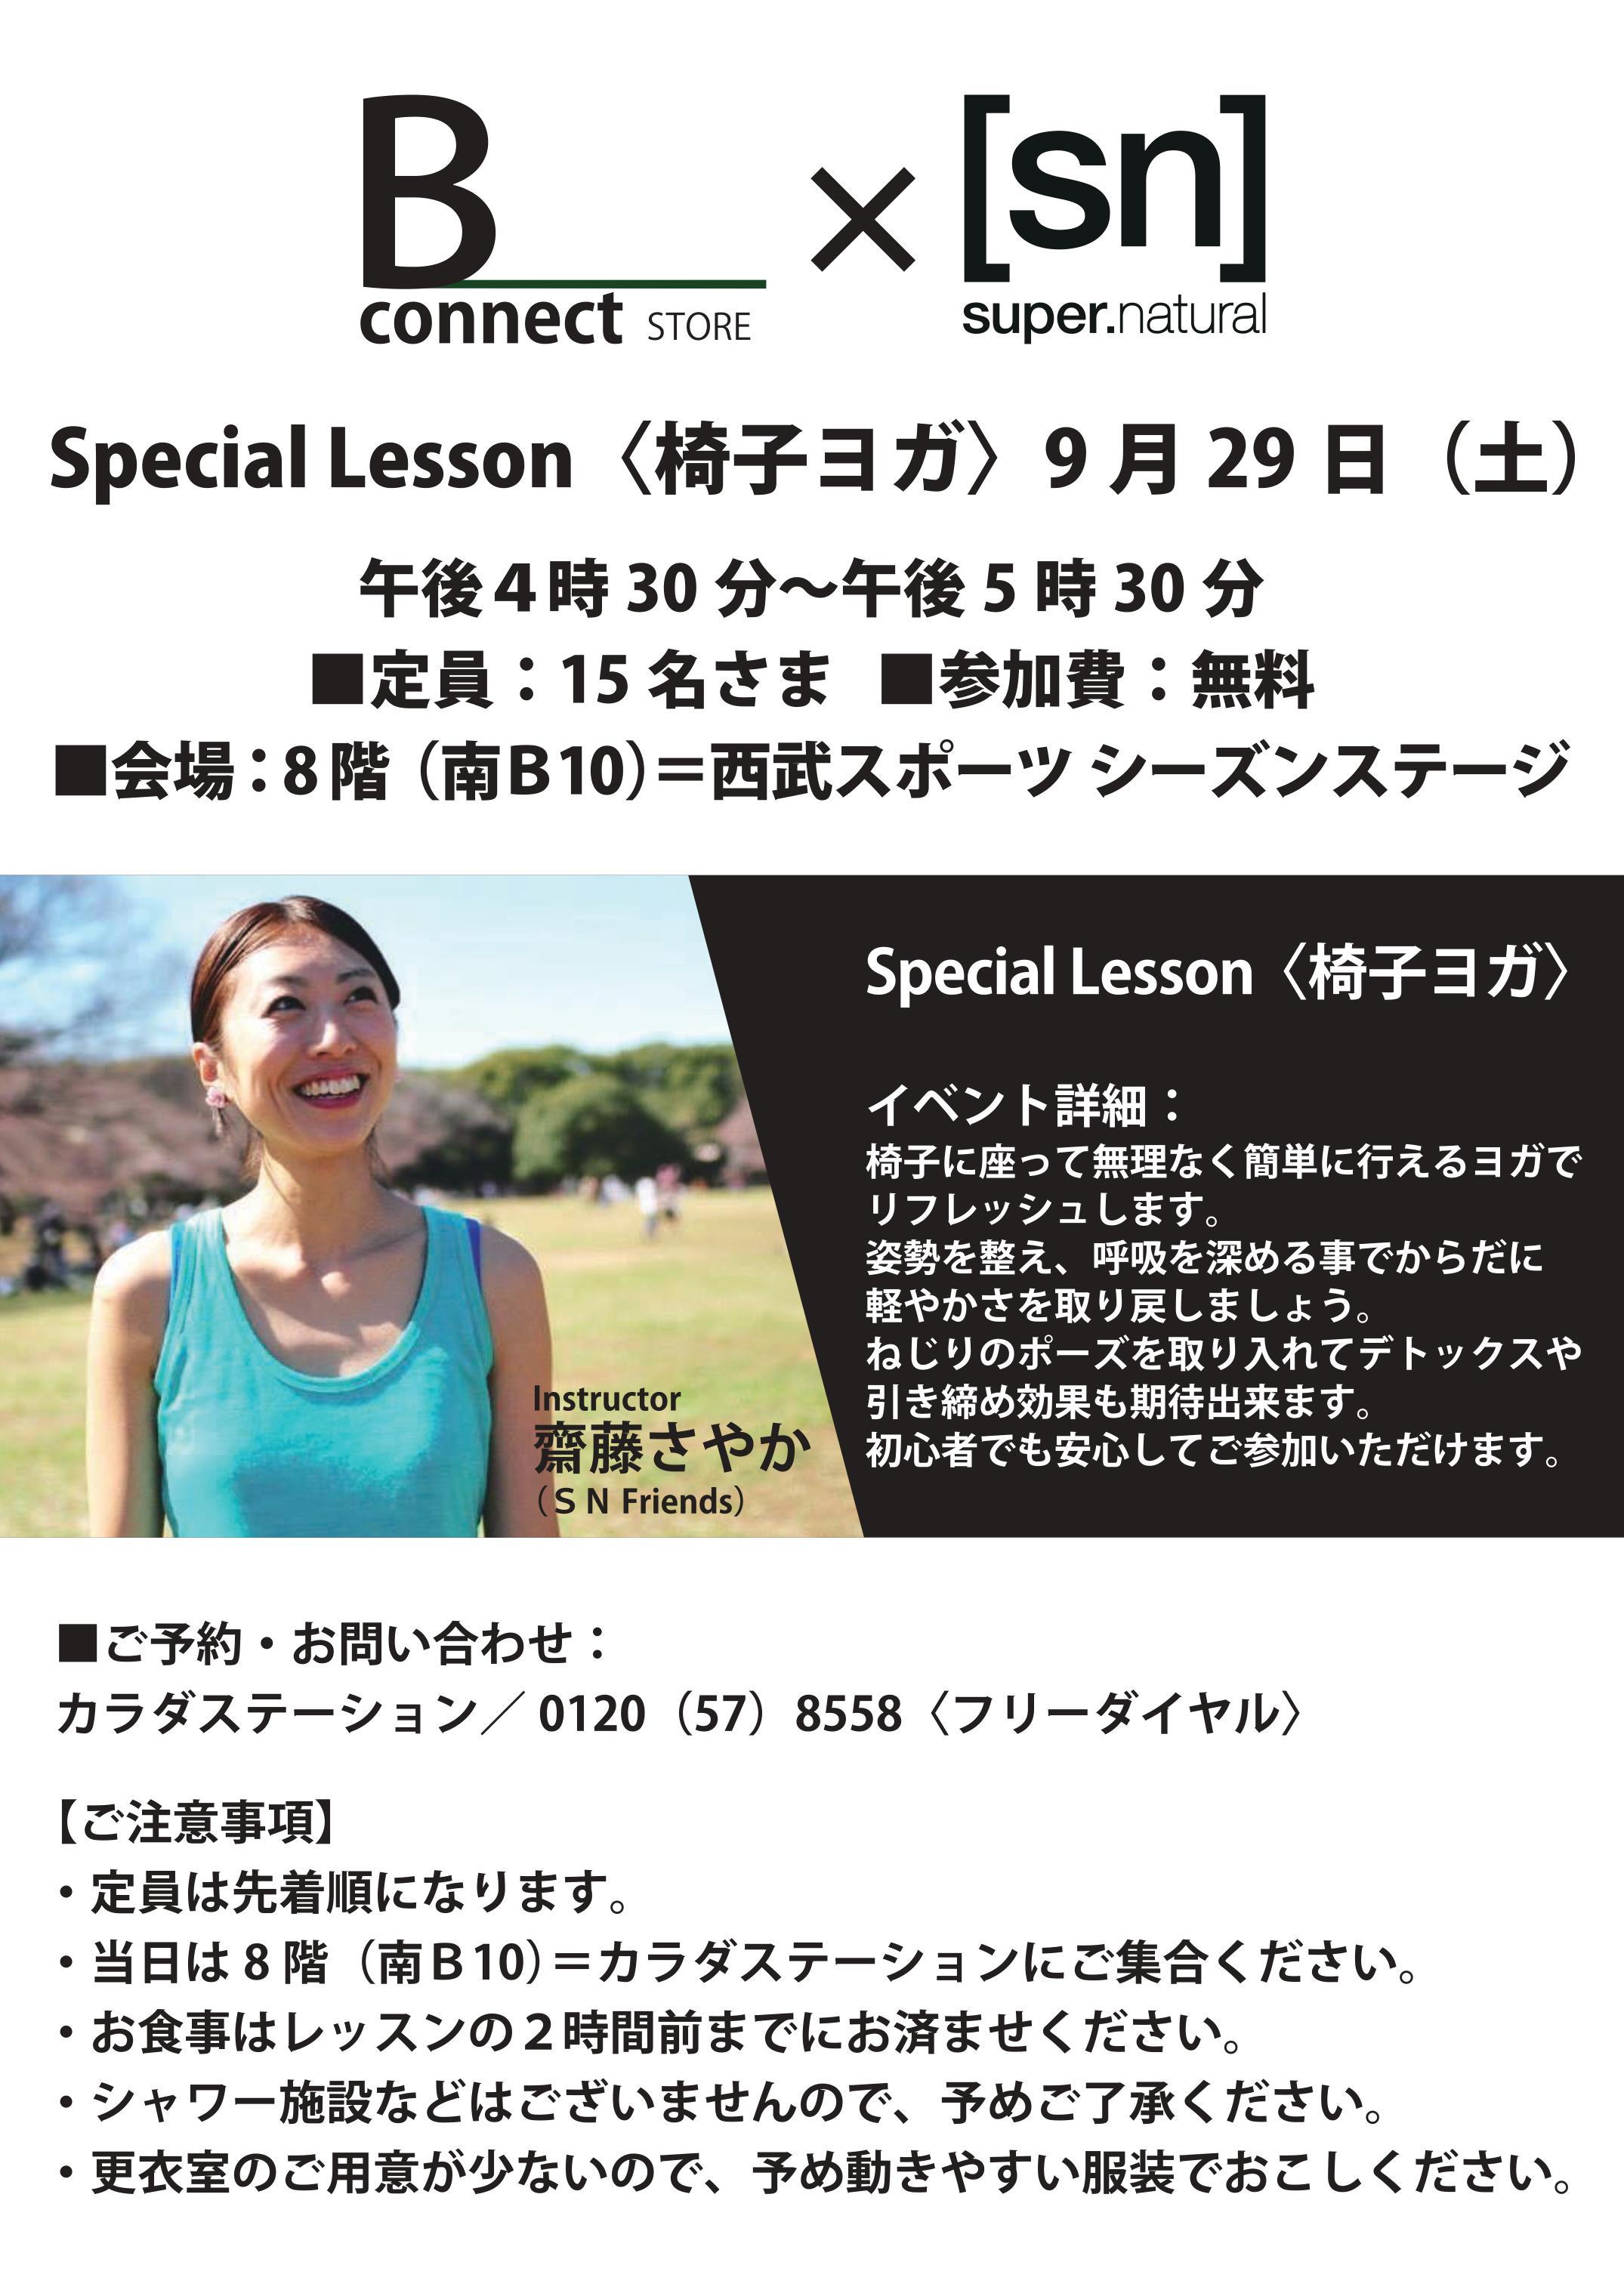 【まもなく締め切り】9.29 B-connect × [sn] - Special Lesson